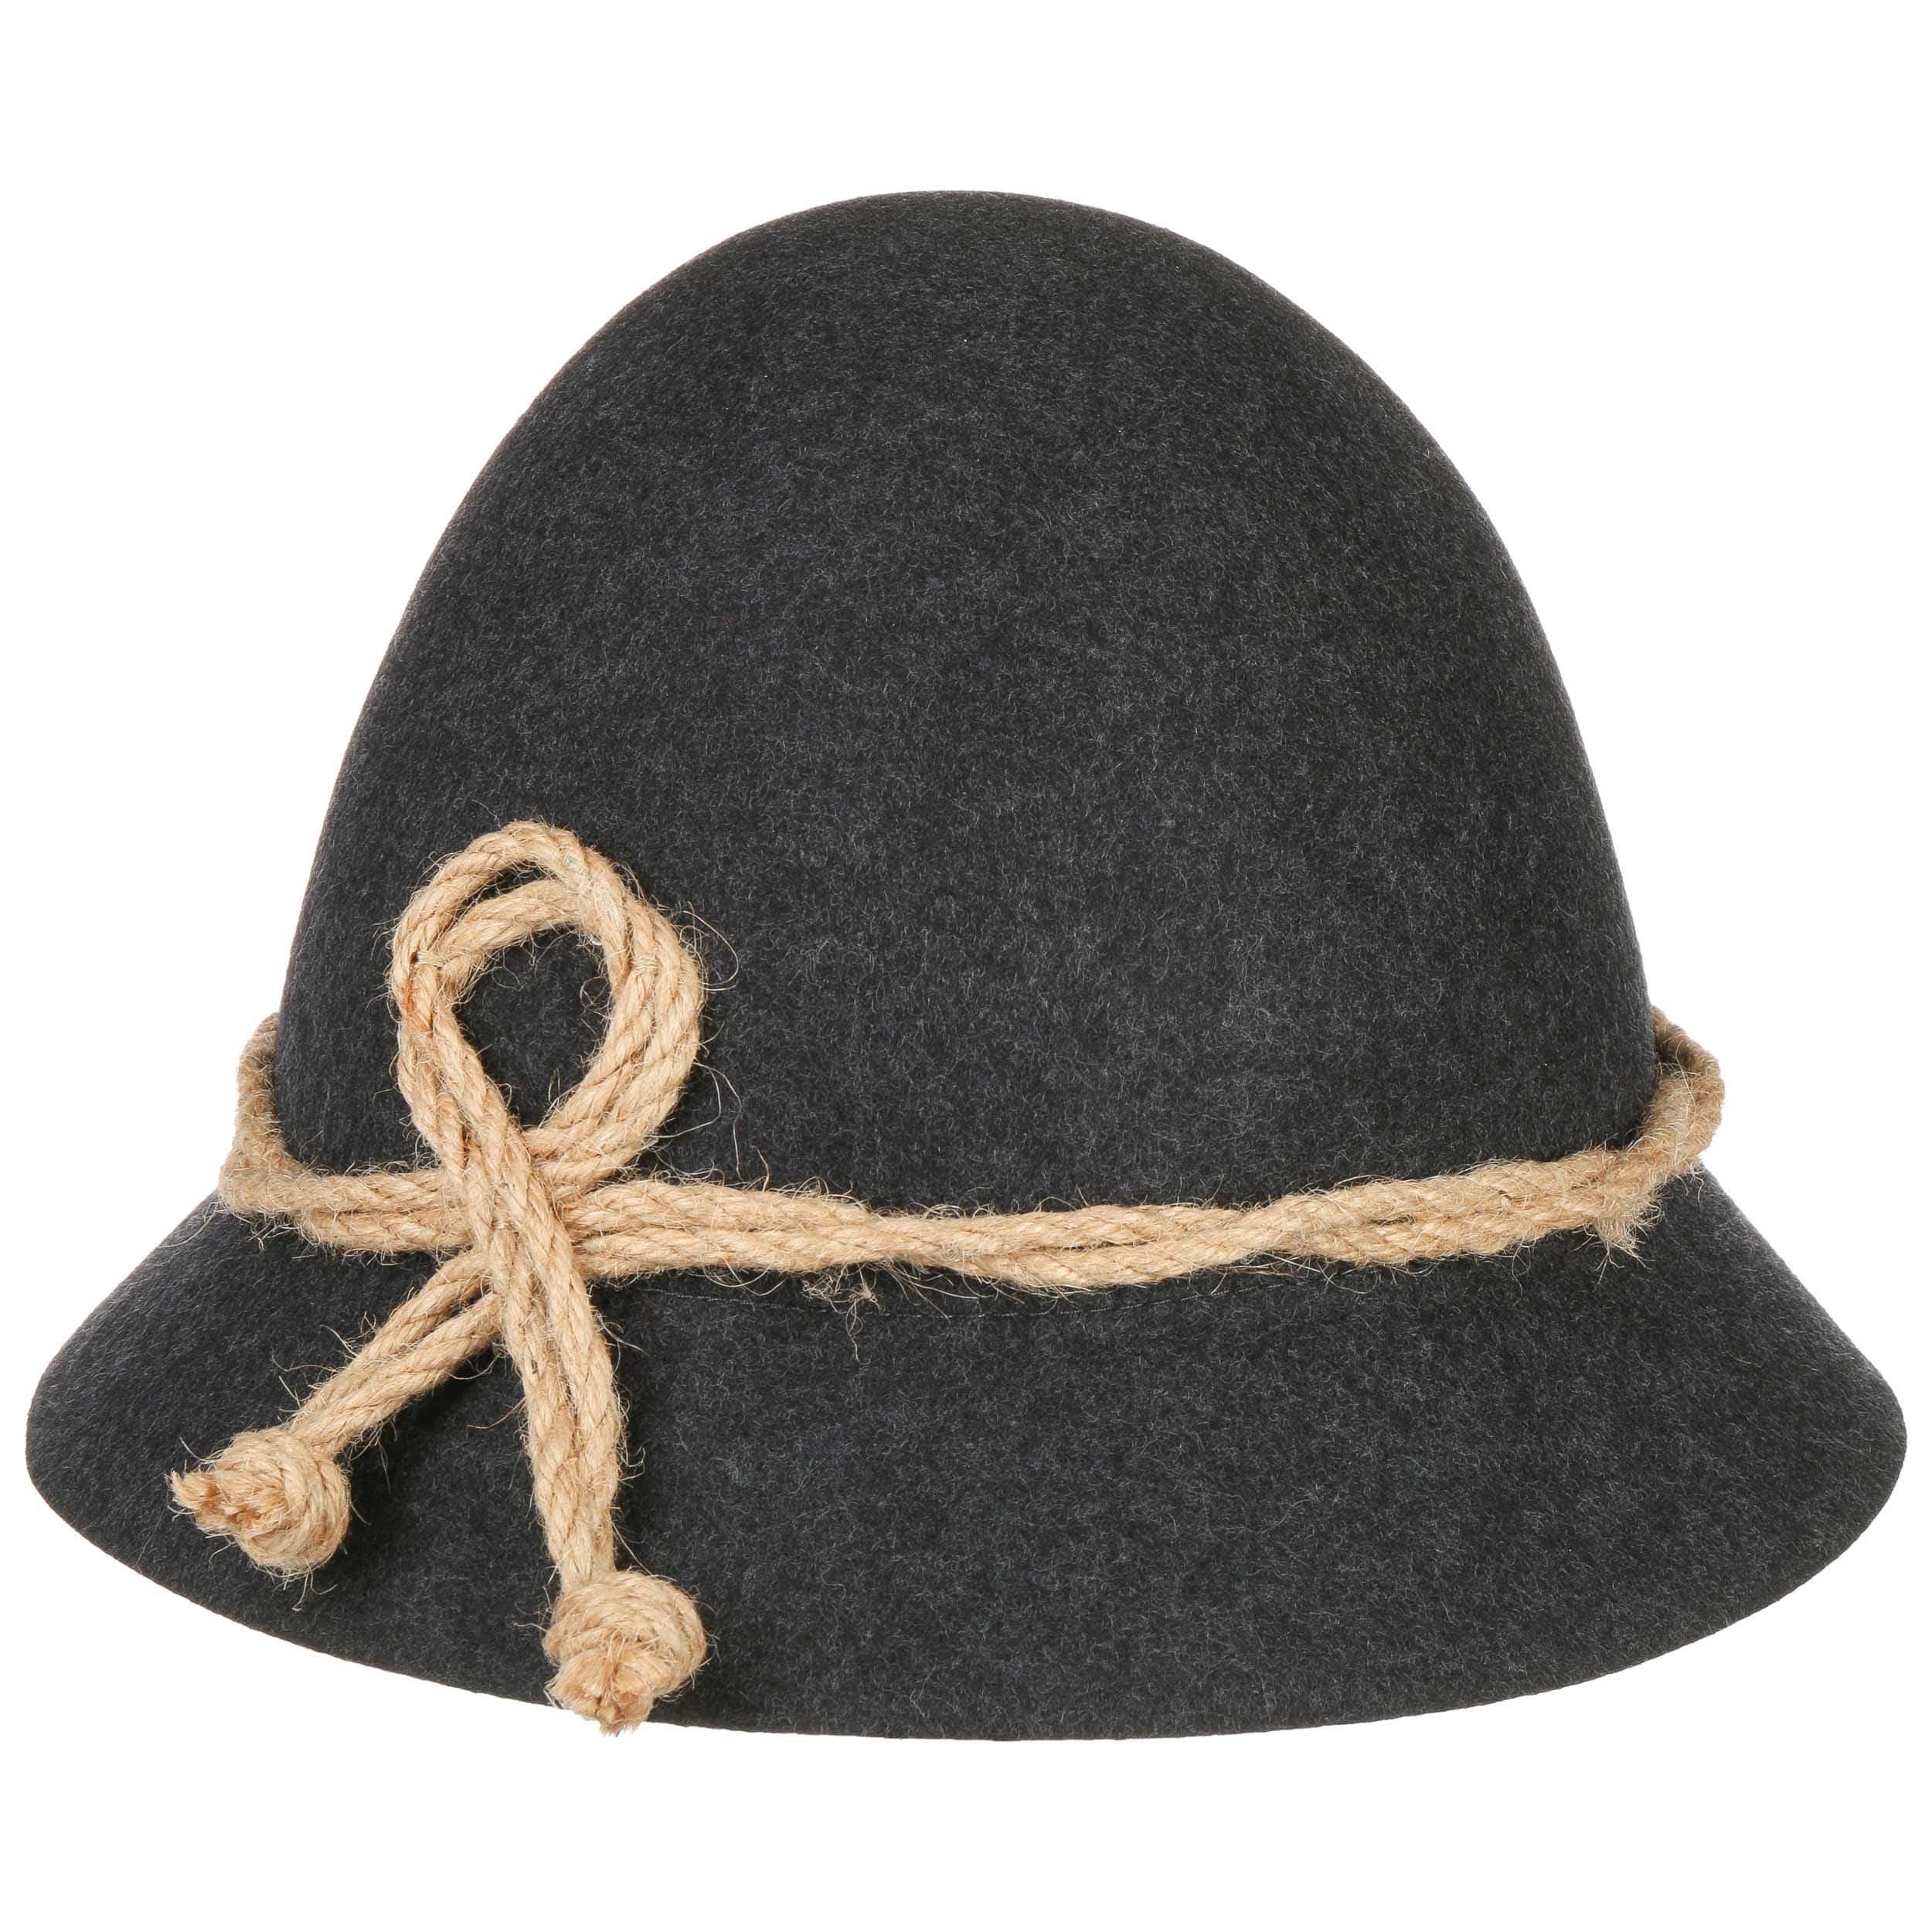 ... Schinderhannes Cappello Tradizionale - antracite 4 ... 3a1e64be2941